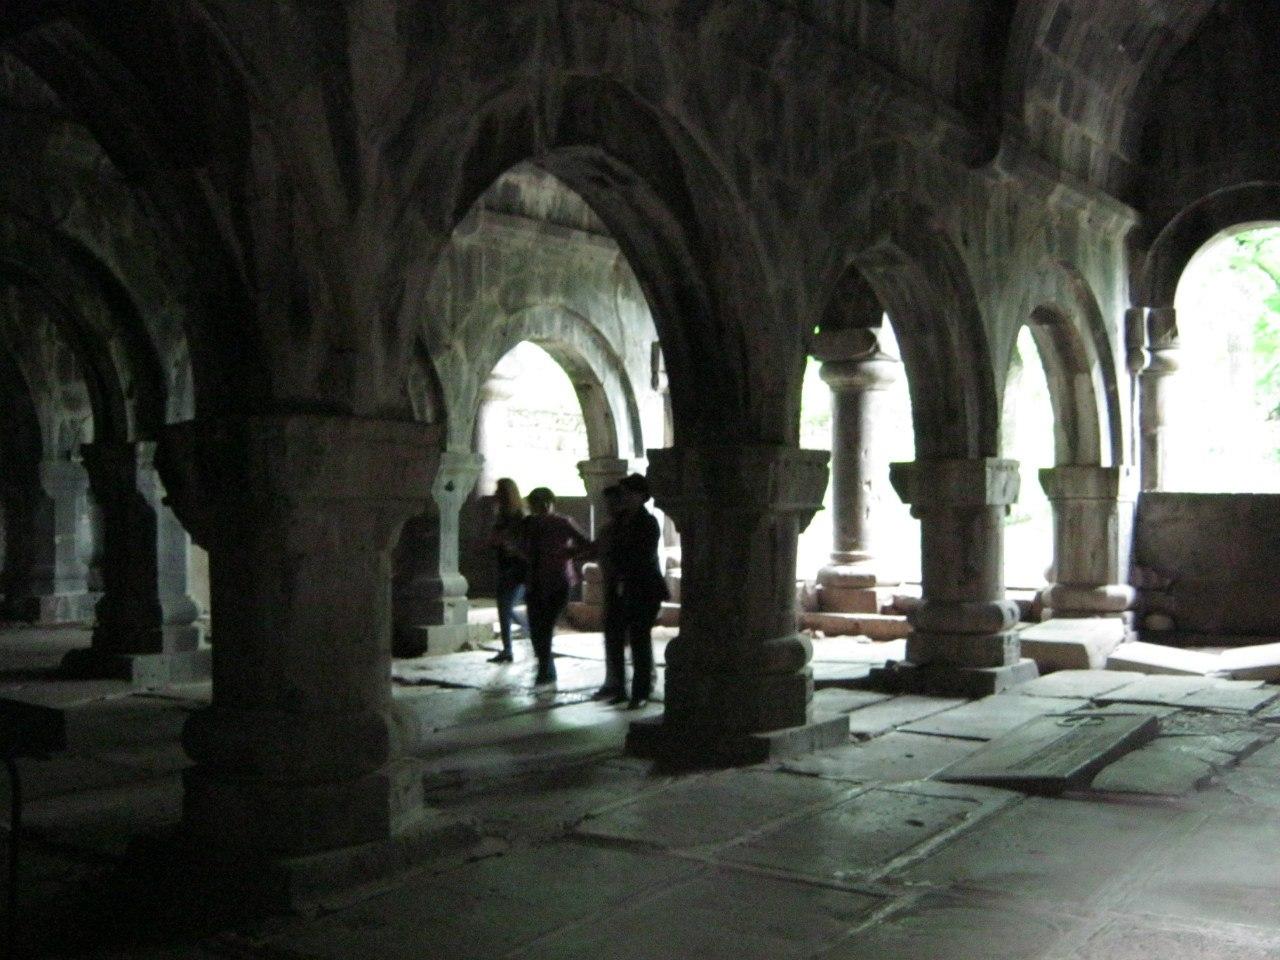 могильные плиты на полу древней церкви